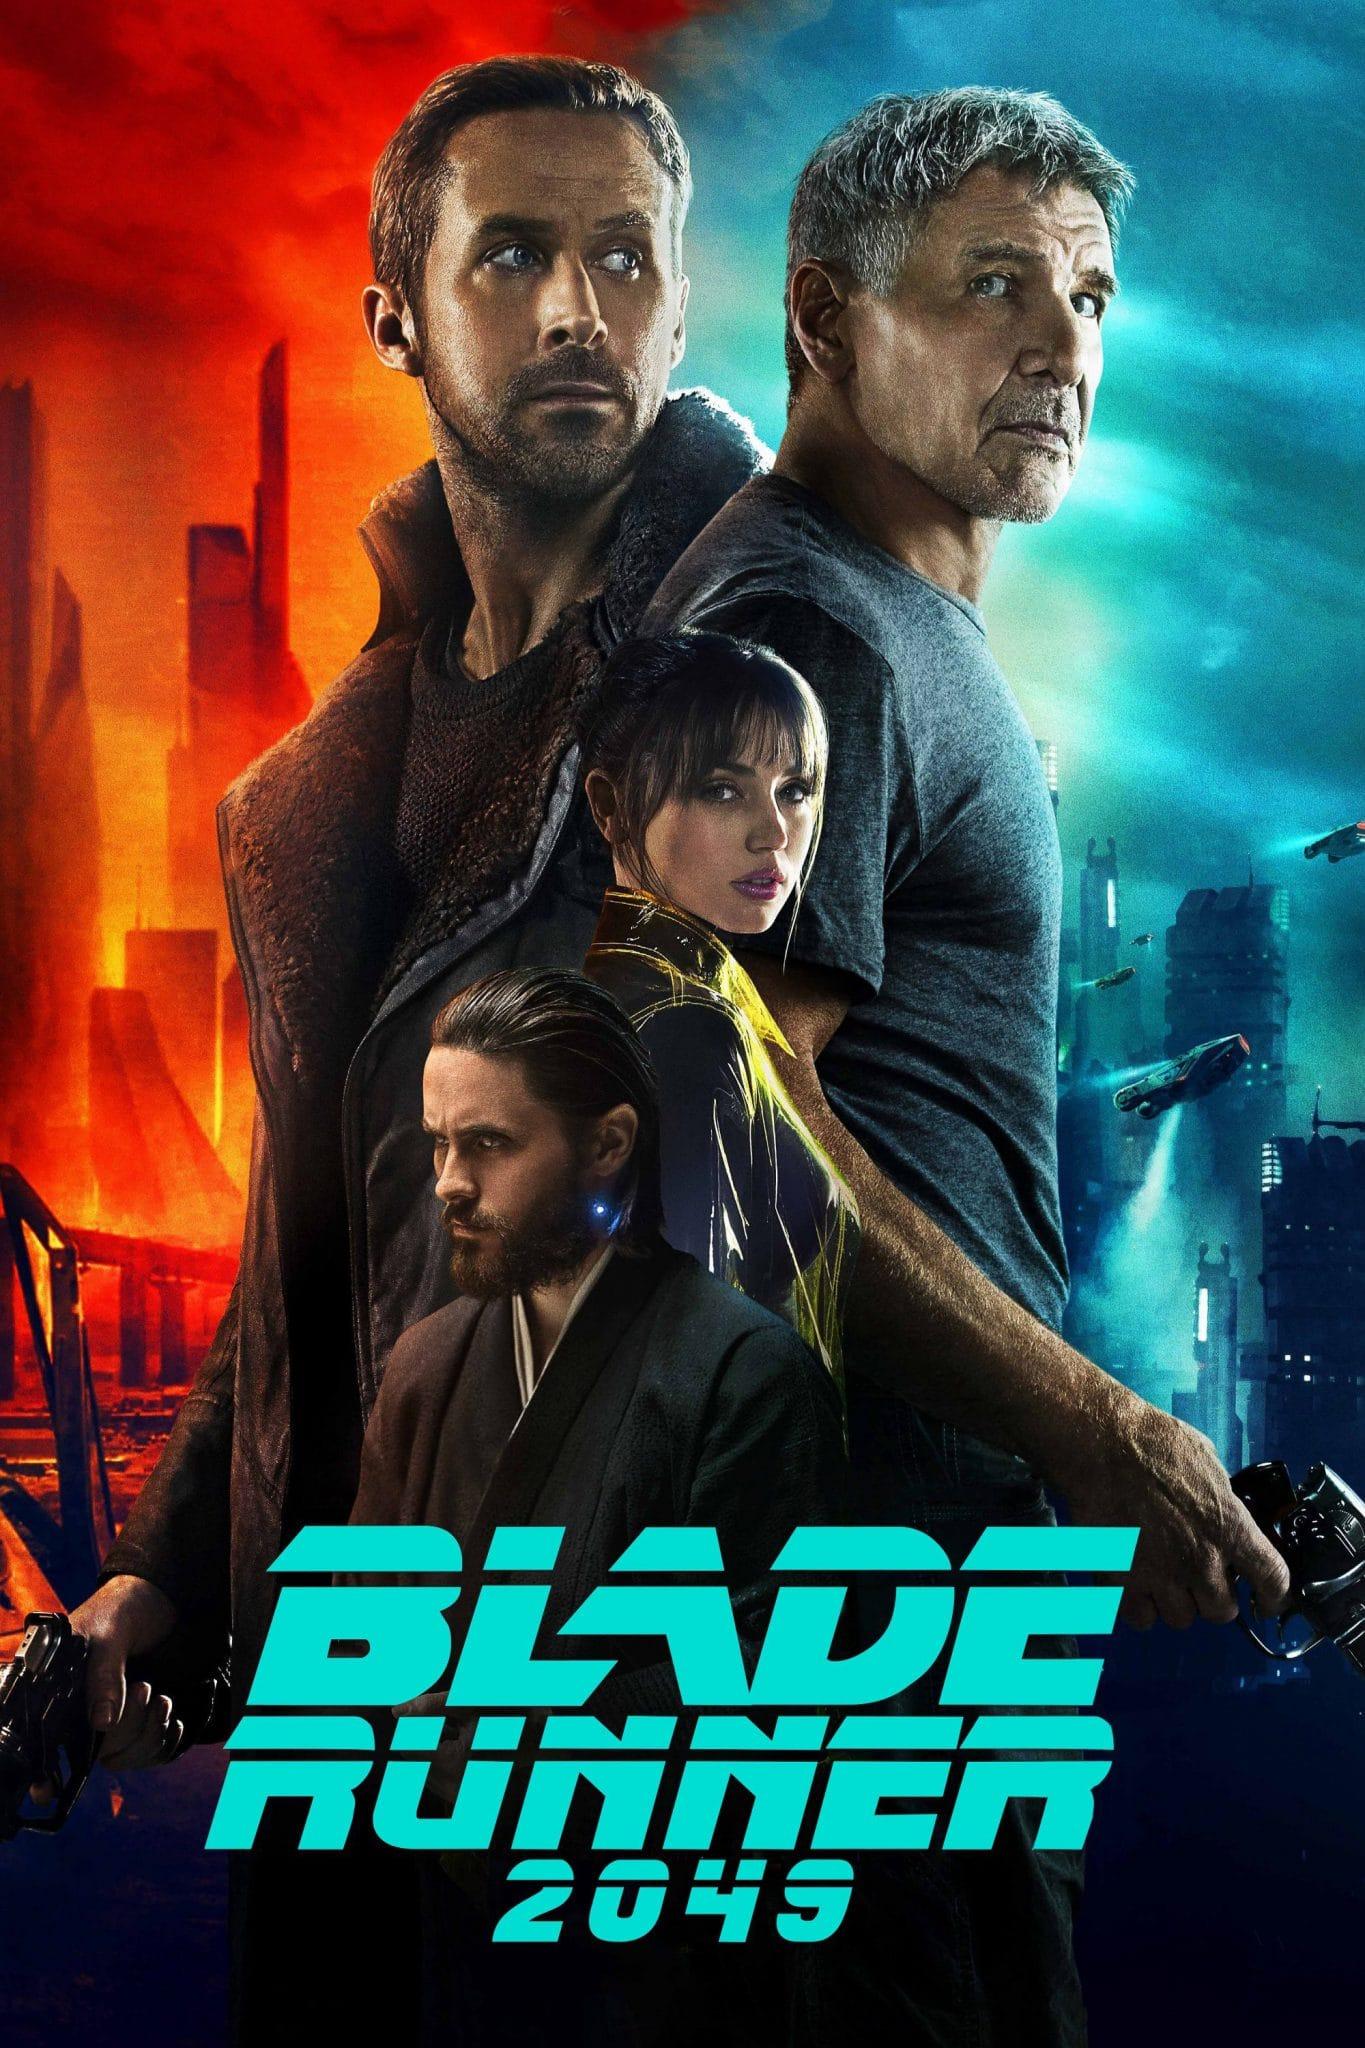 Regarder Blade Runner 2049 en streaming gratuit